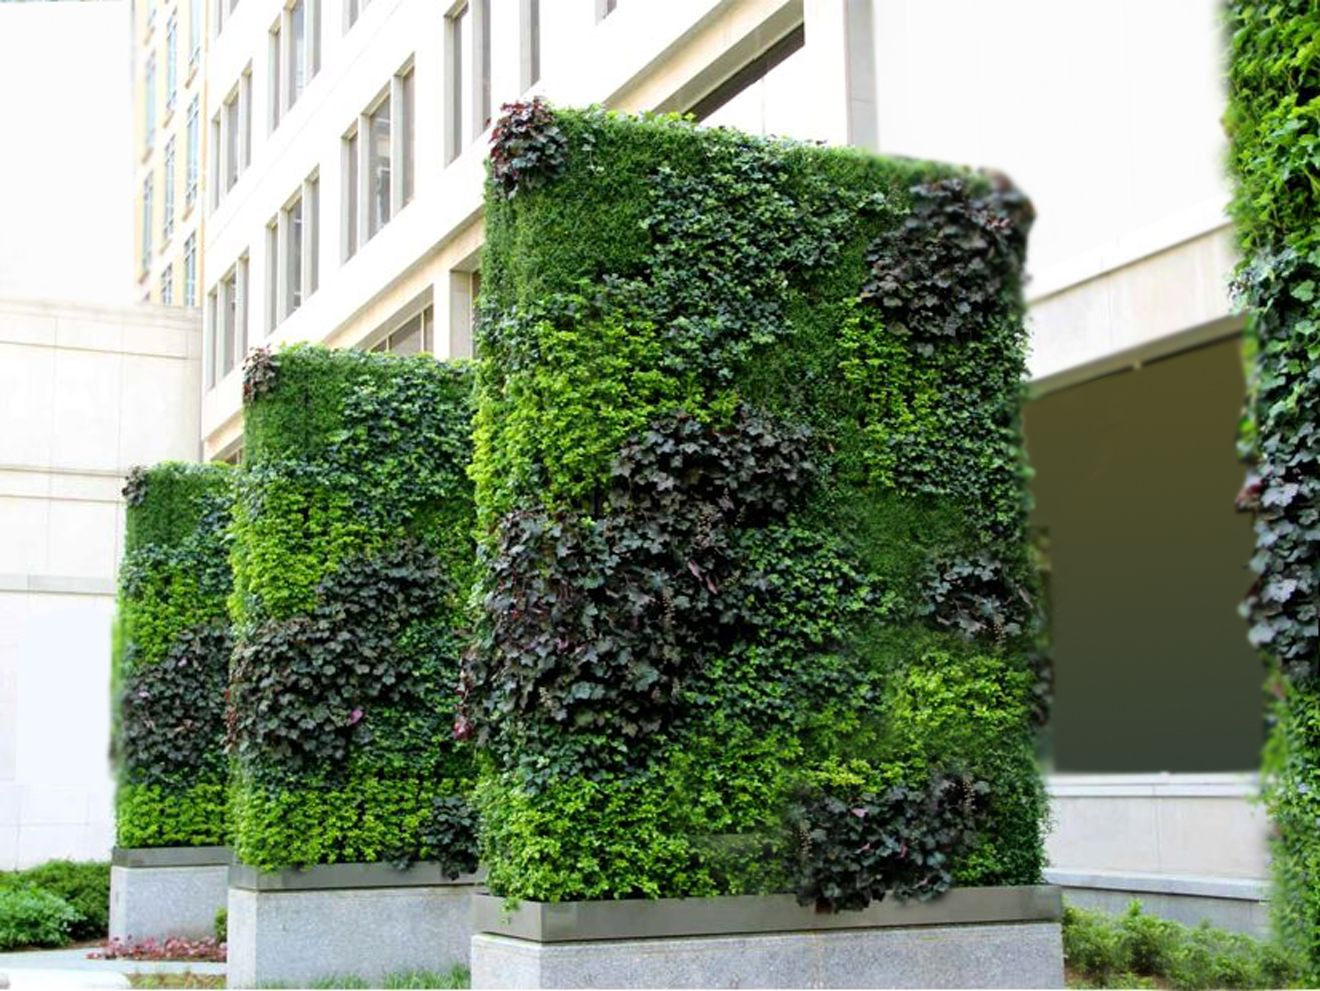 Thiết kế thi công tường cây ngoài trời